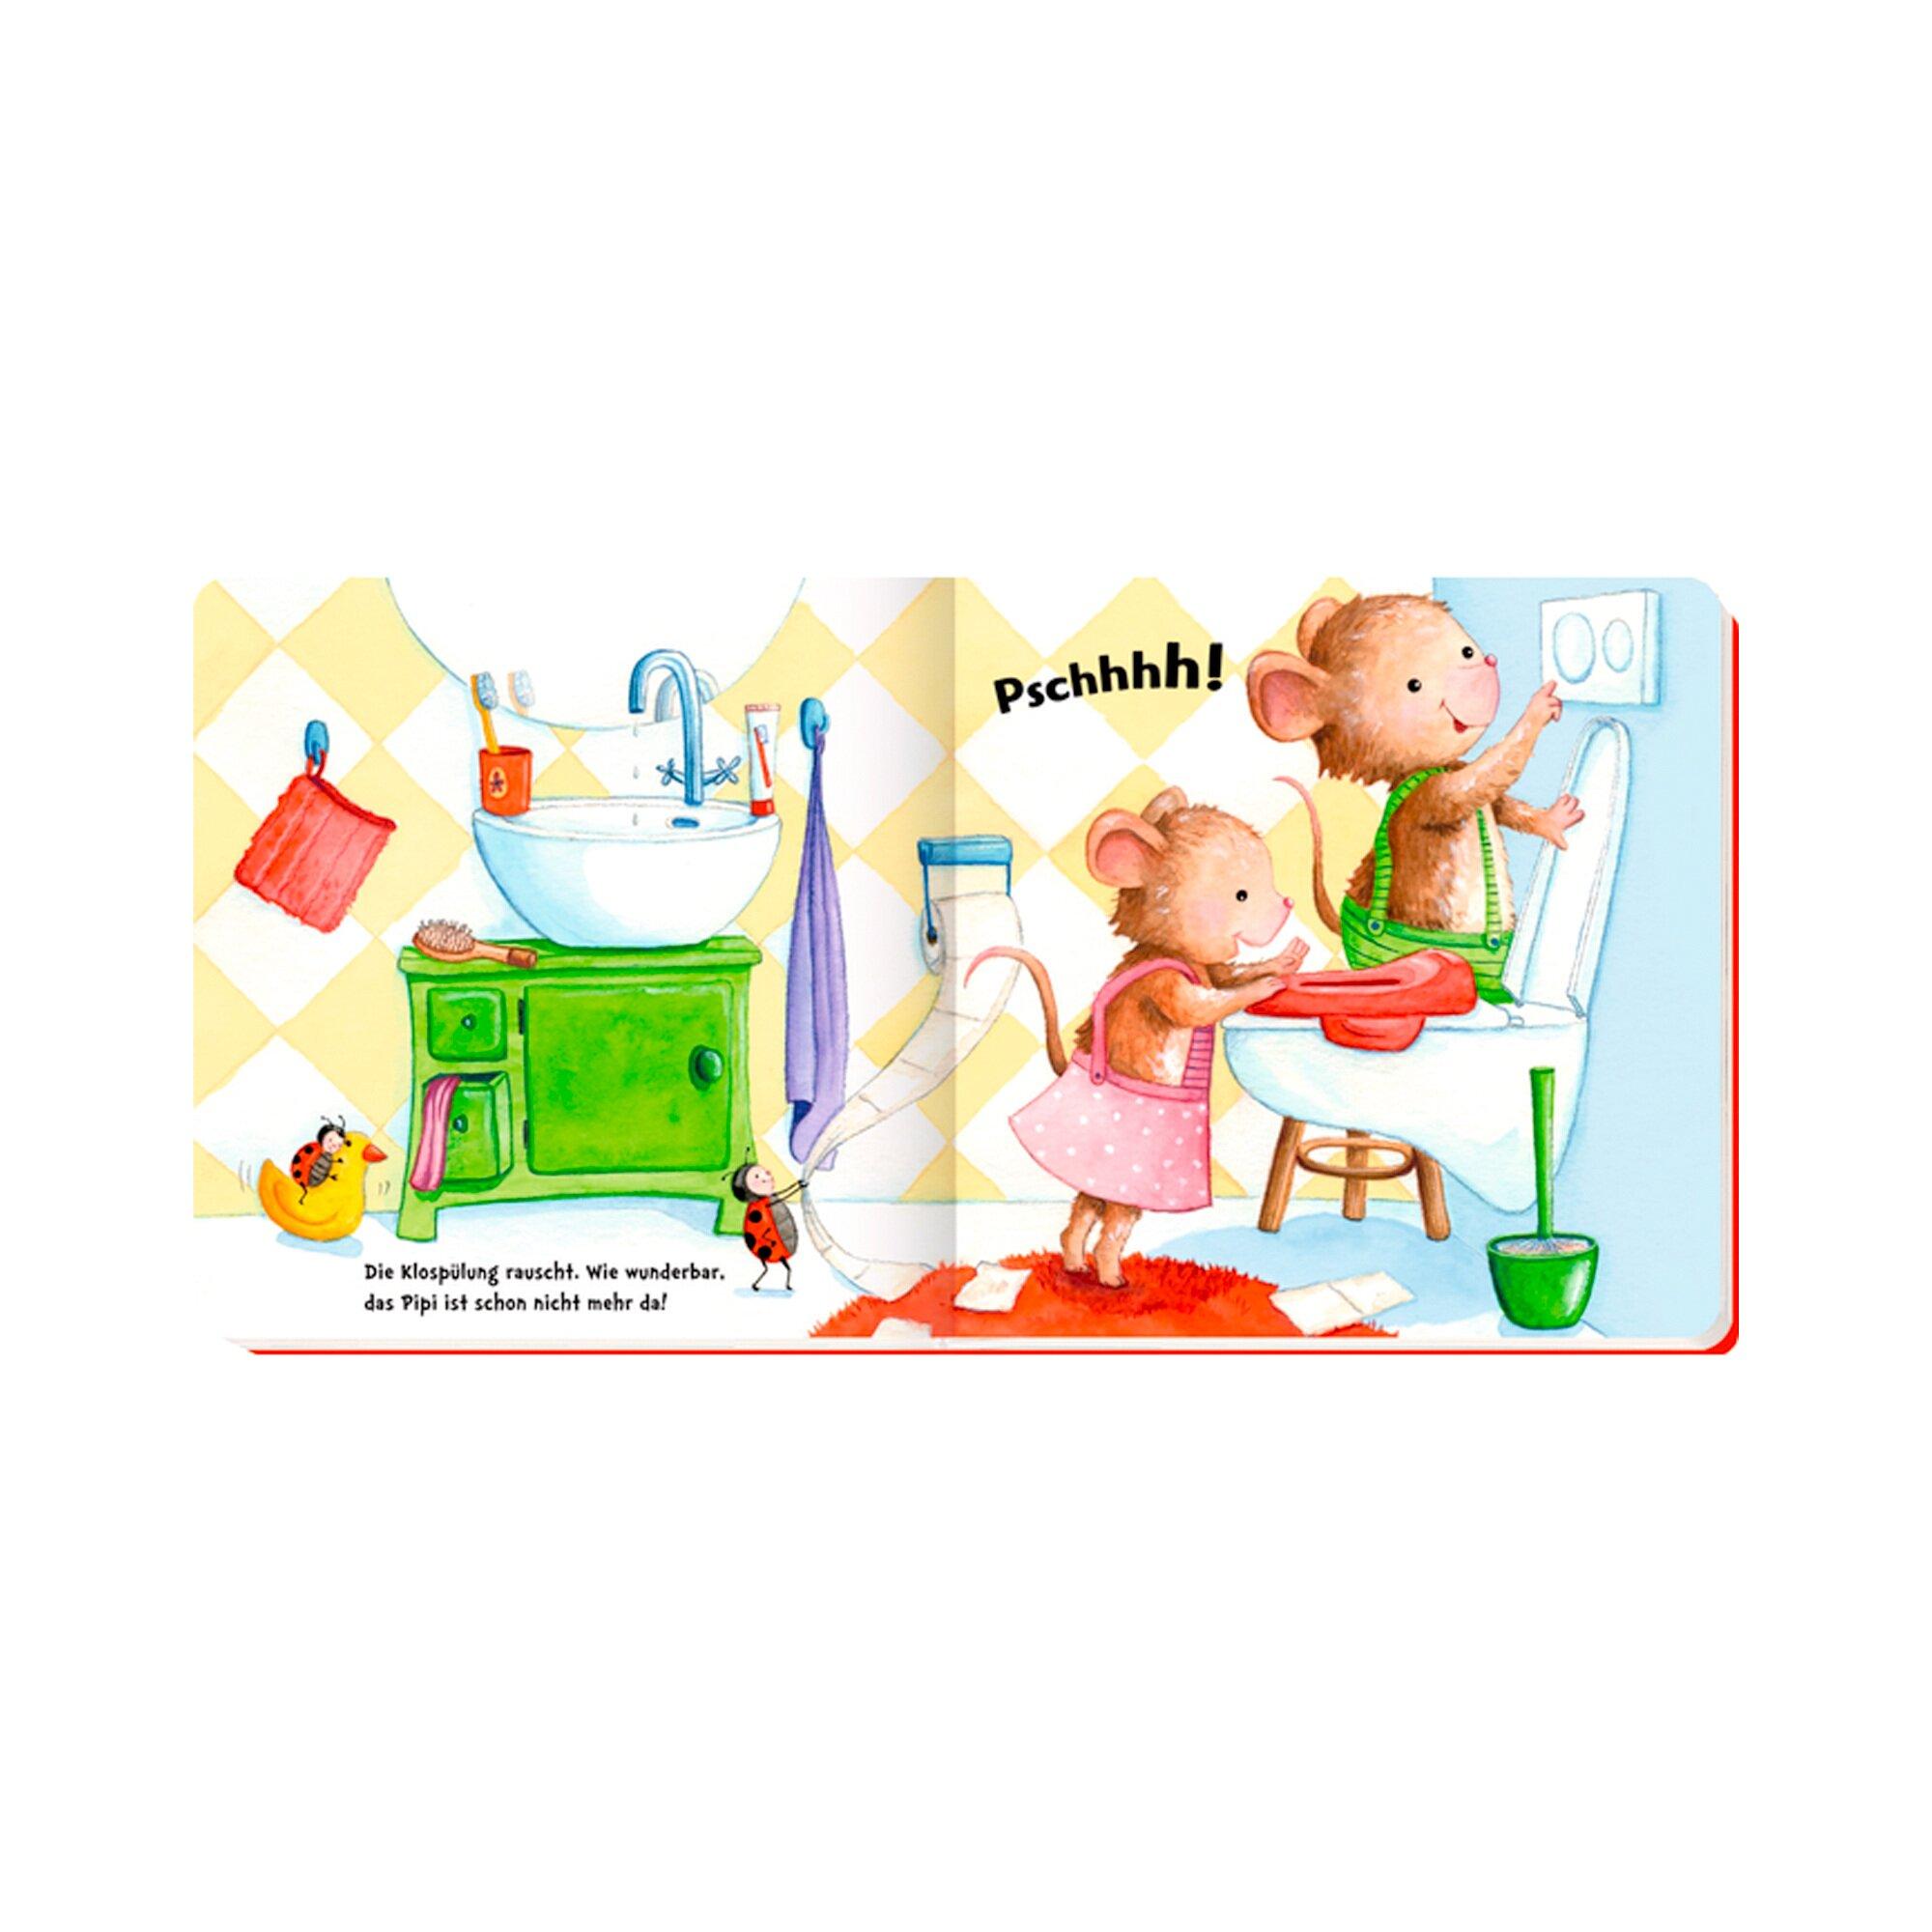 coppenrath-die-spiegelburg-soundbuch-dingdong-hor-mal-mein-zuhause-